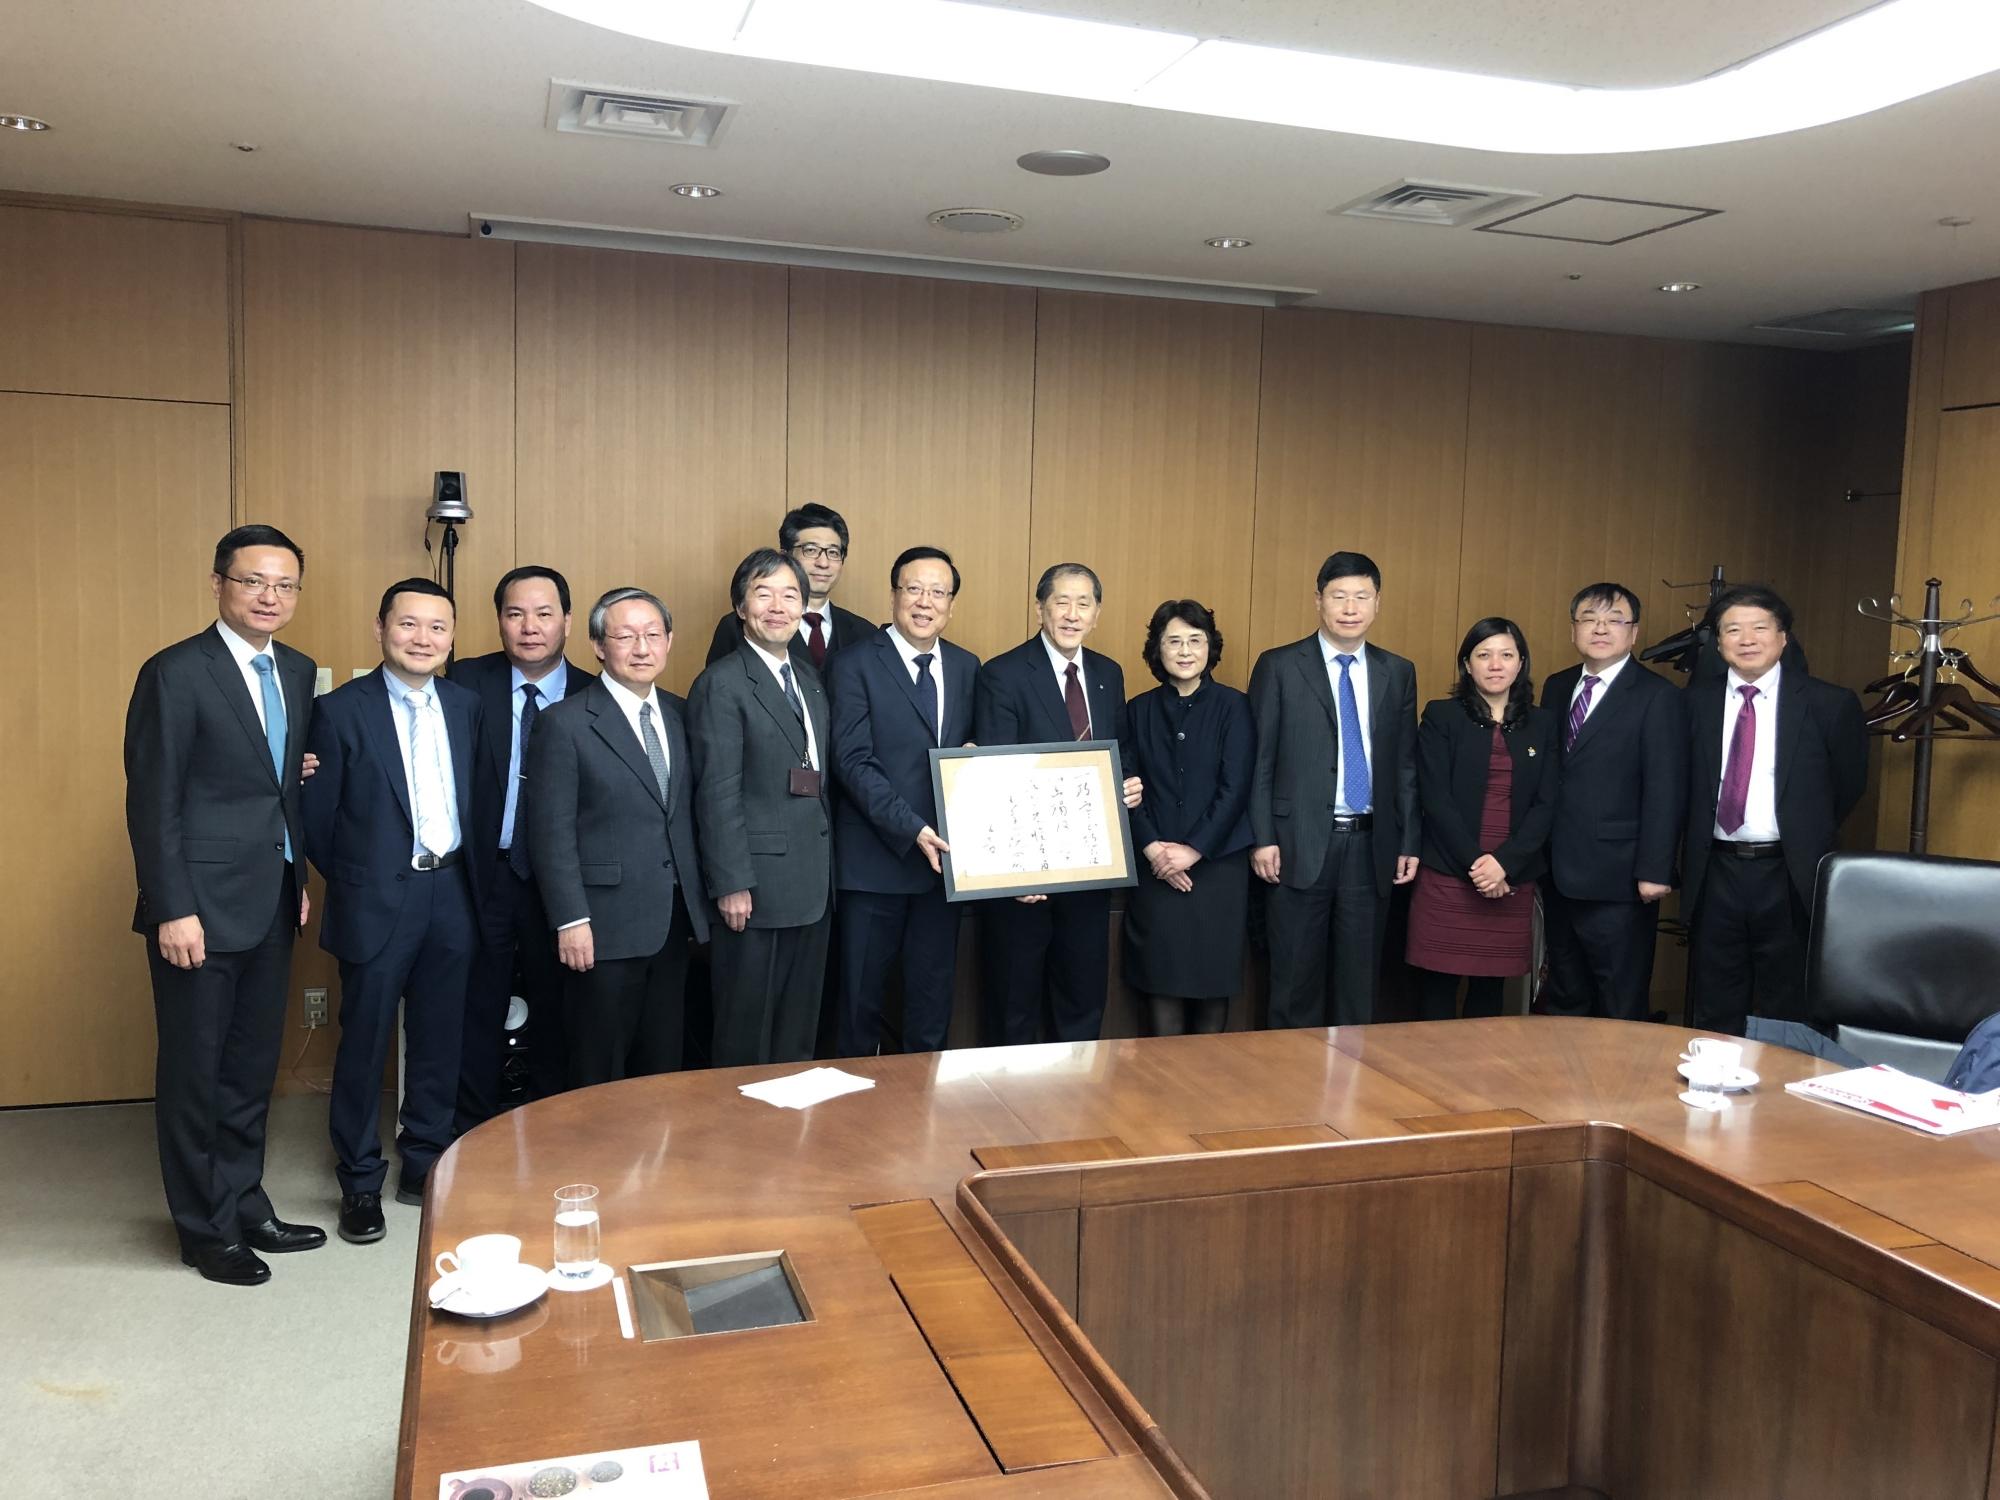 Peking University President Hao Ping visits Waseda